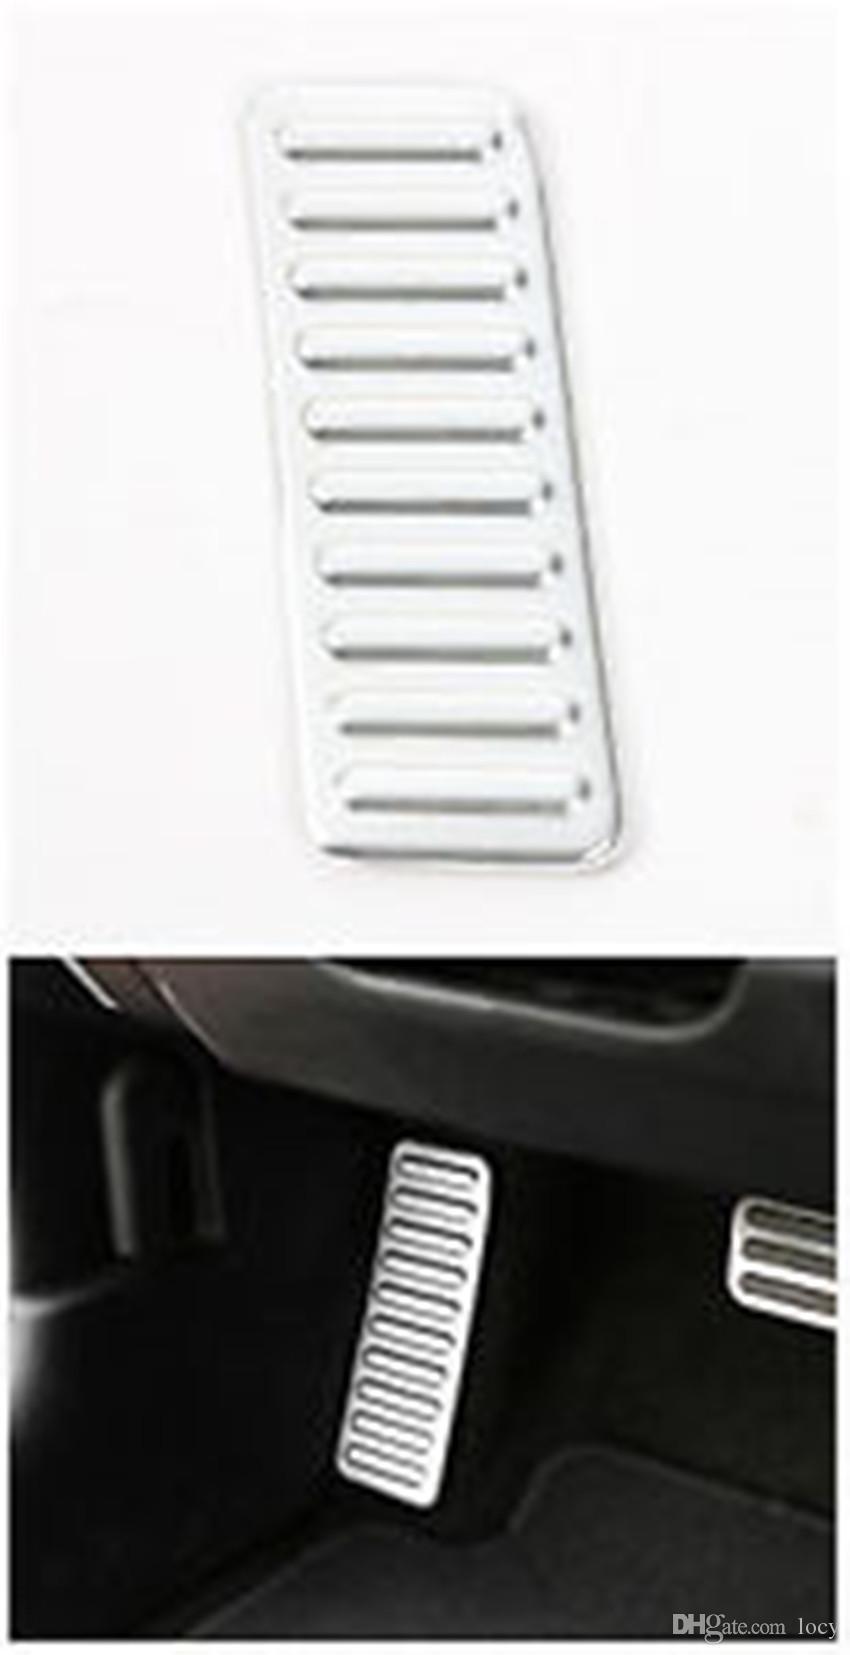 Pedal de aluminio del pie izquierdo para el Ford Mustang 2015-2017